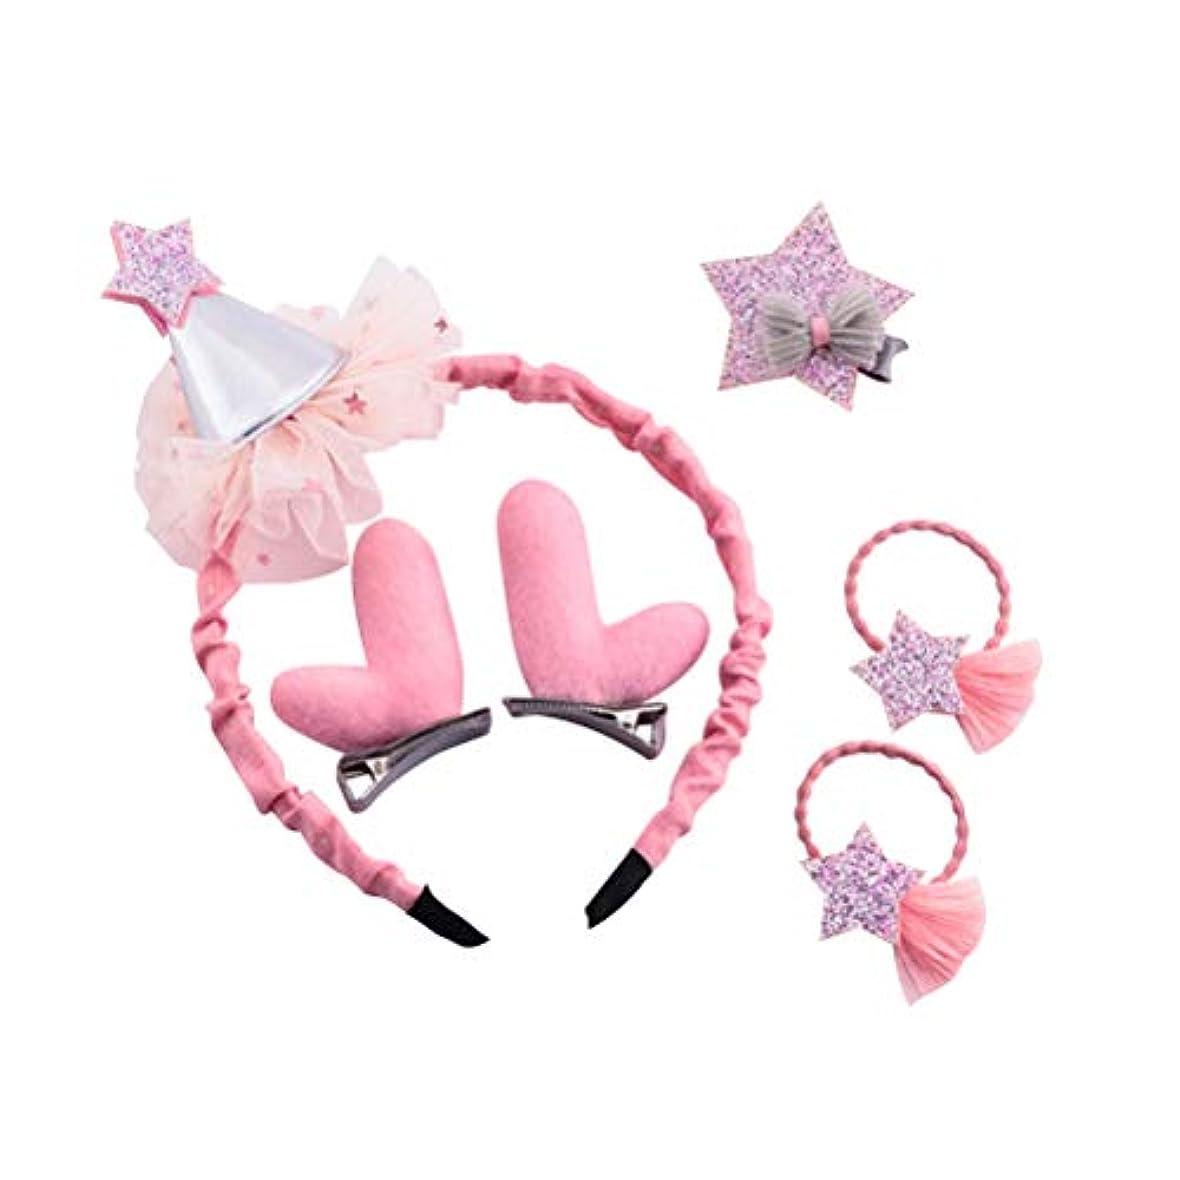 レインコート高くセージBESTOYARD クリスマスの髪のアクセサリー帽子のレンダーの飾り飾りヘッドバンドのヘアクリップ女の子のためのピンバレッタの髪の弾性(ピンク)